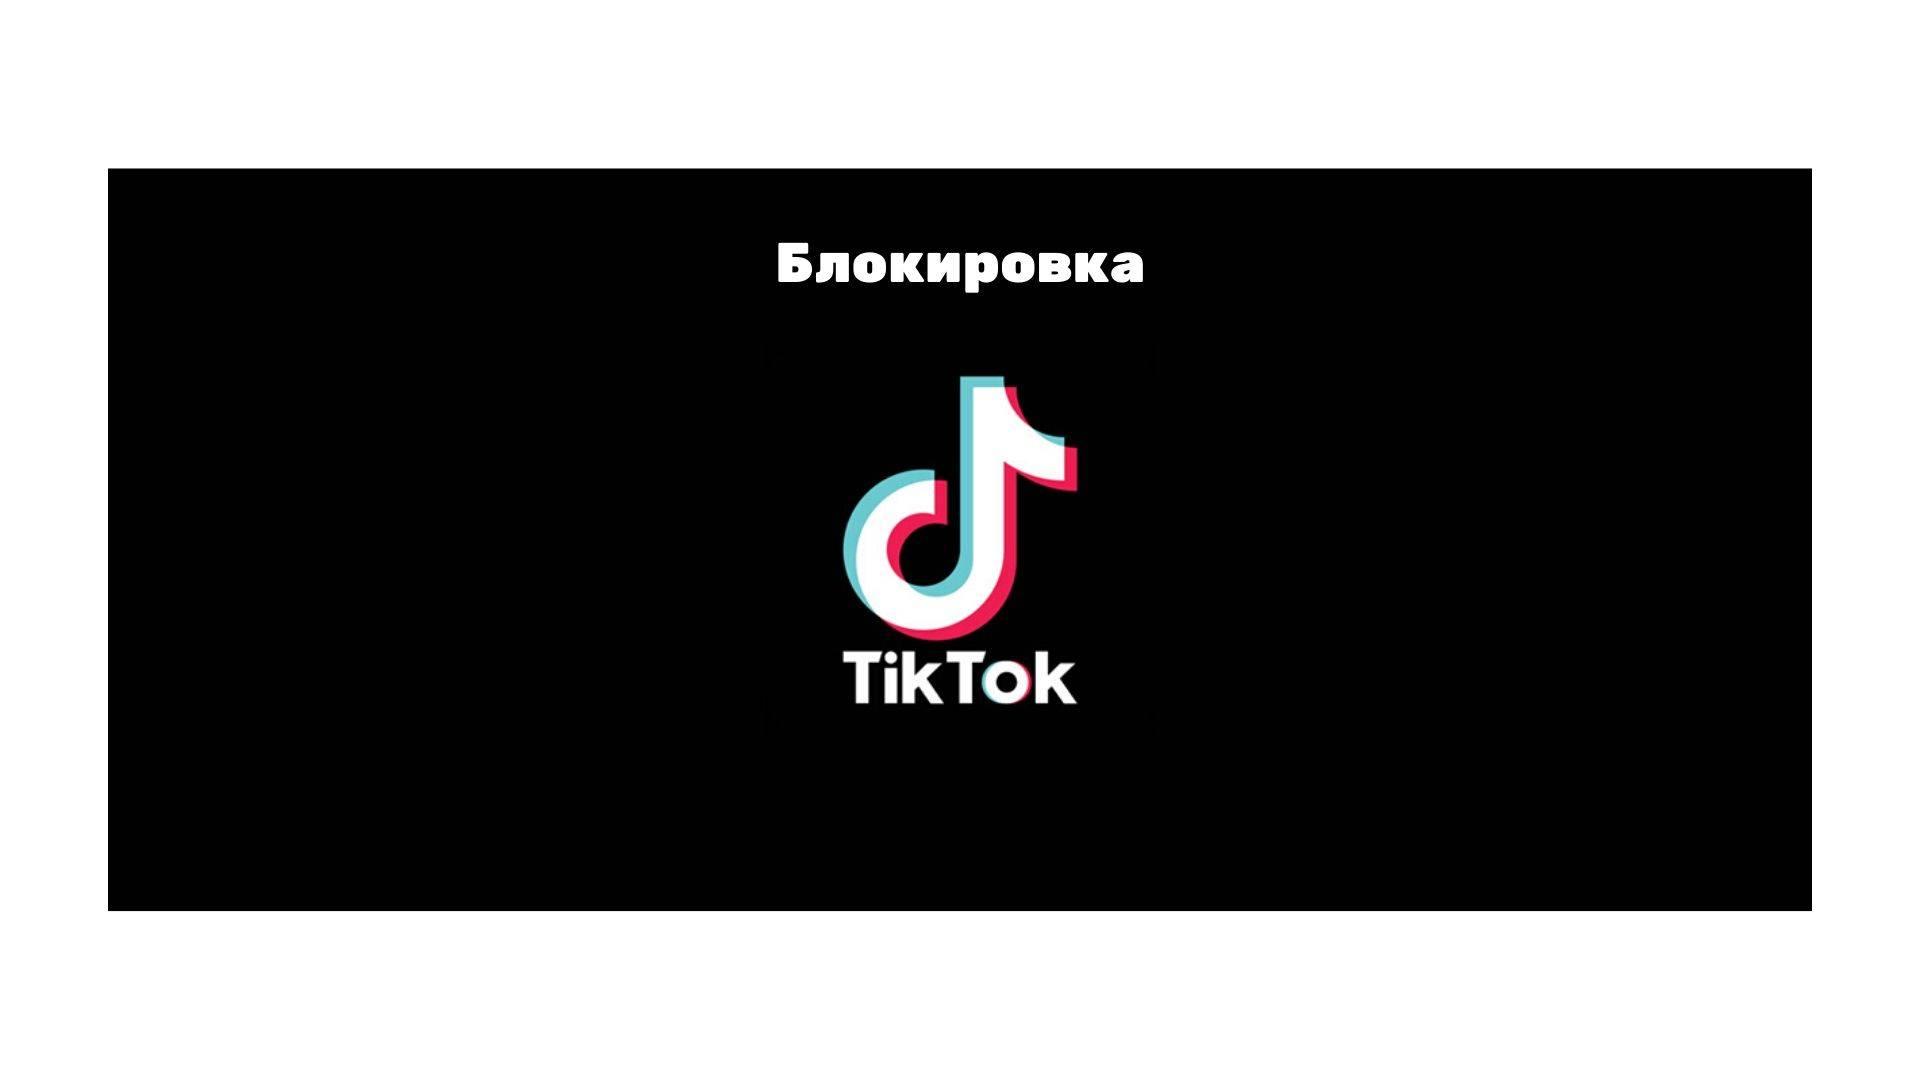 Тик ток скачать бесплатно приложение | скачать tik tok…